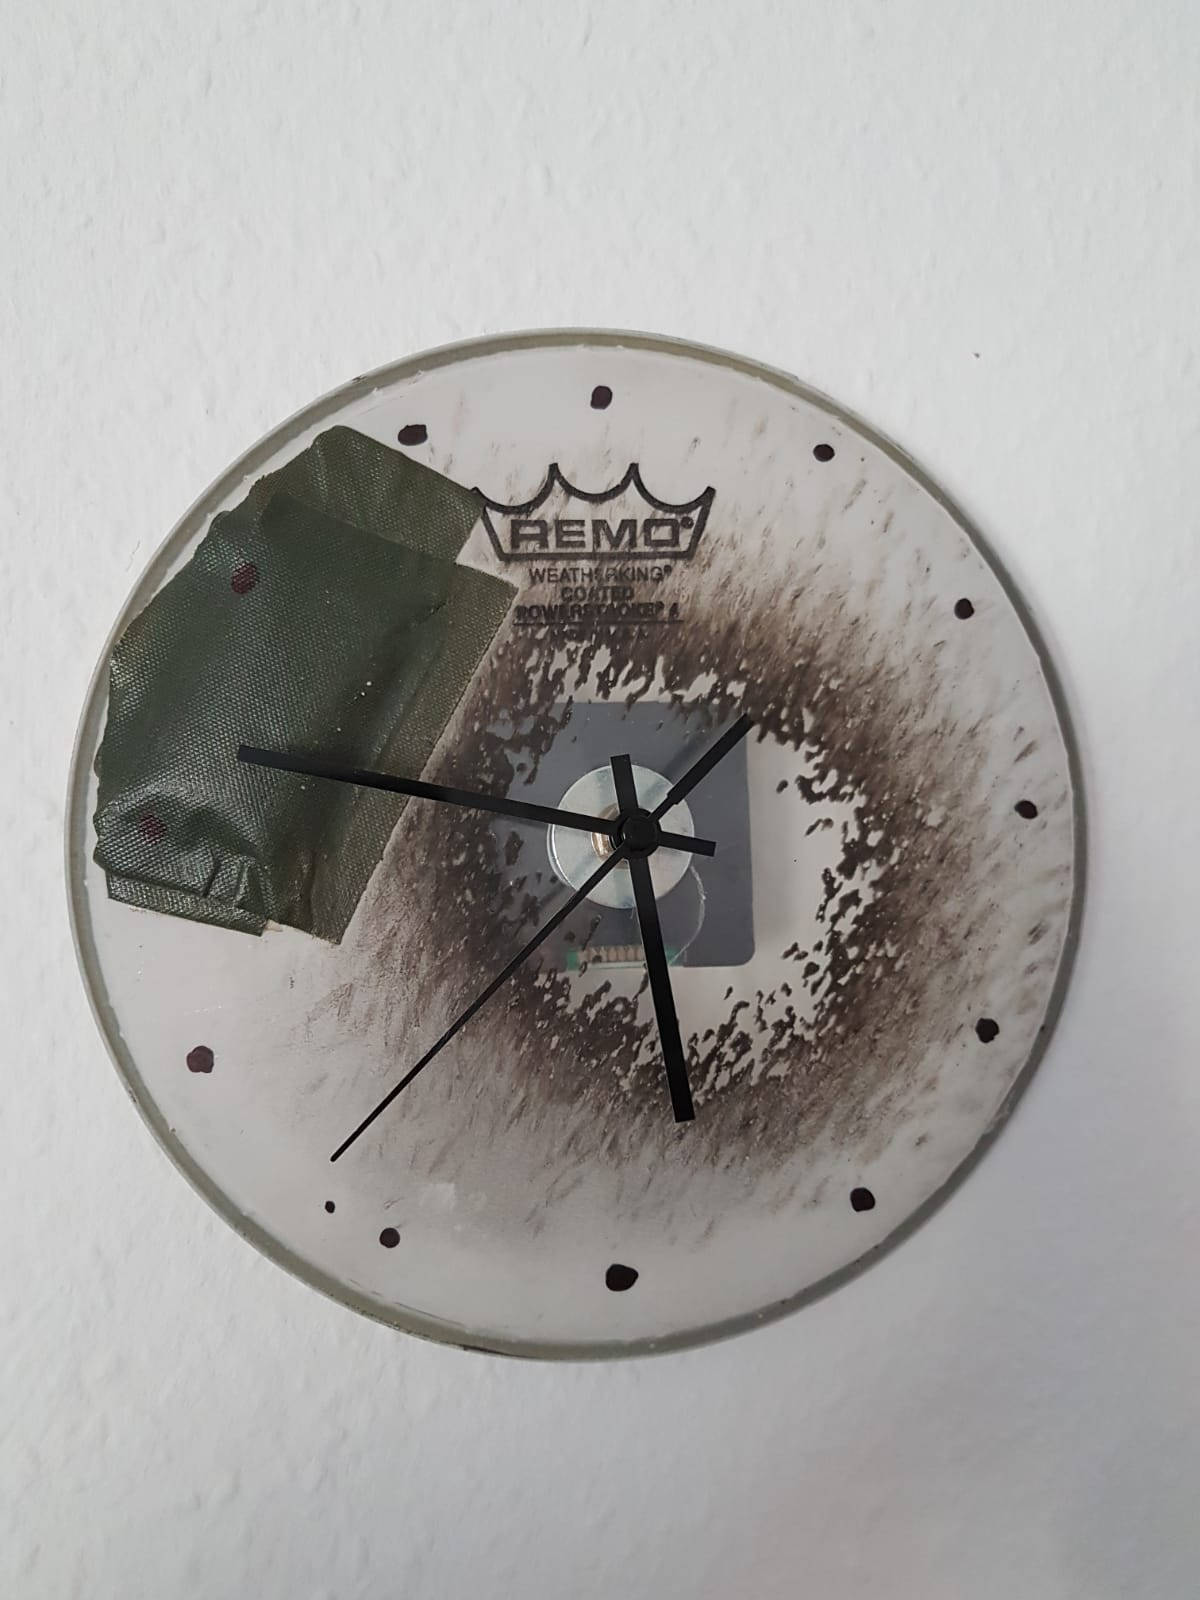 Schlagzeugfell Uhr für Probenraum Musiker, insbesondere Schlagzeuger (Drummer) Deko DIY